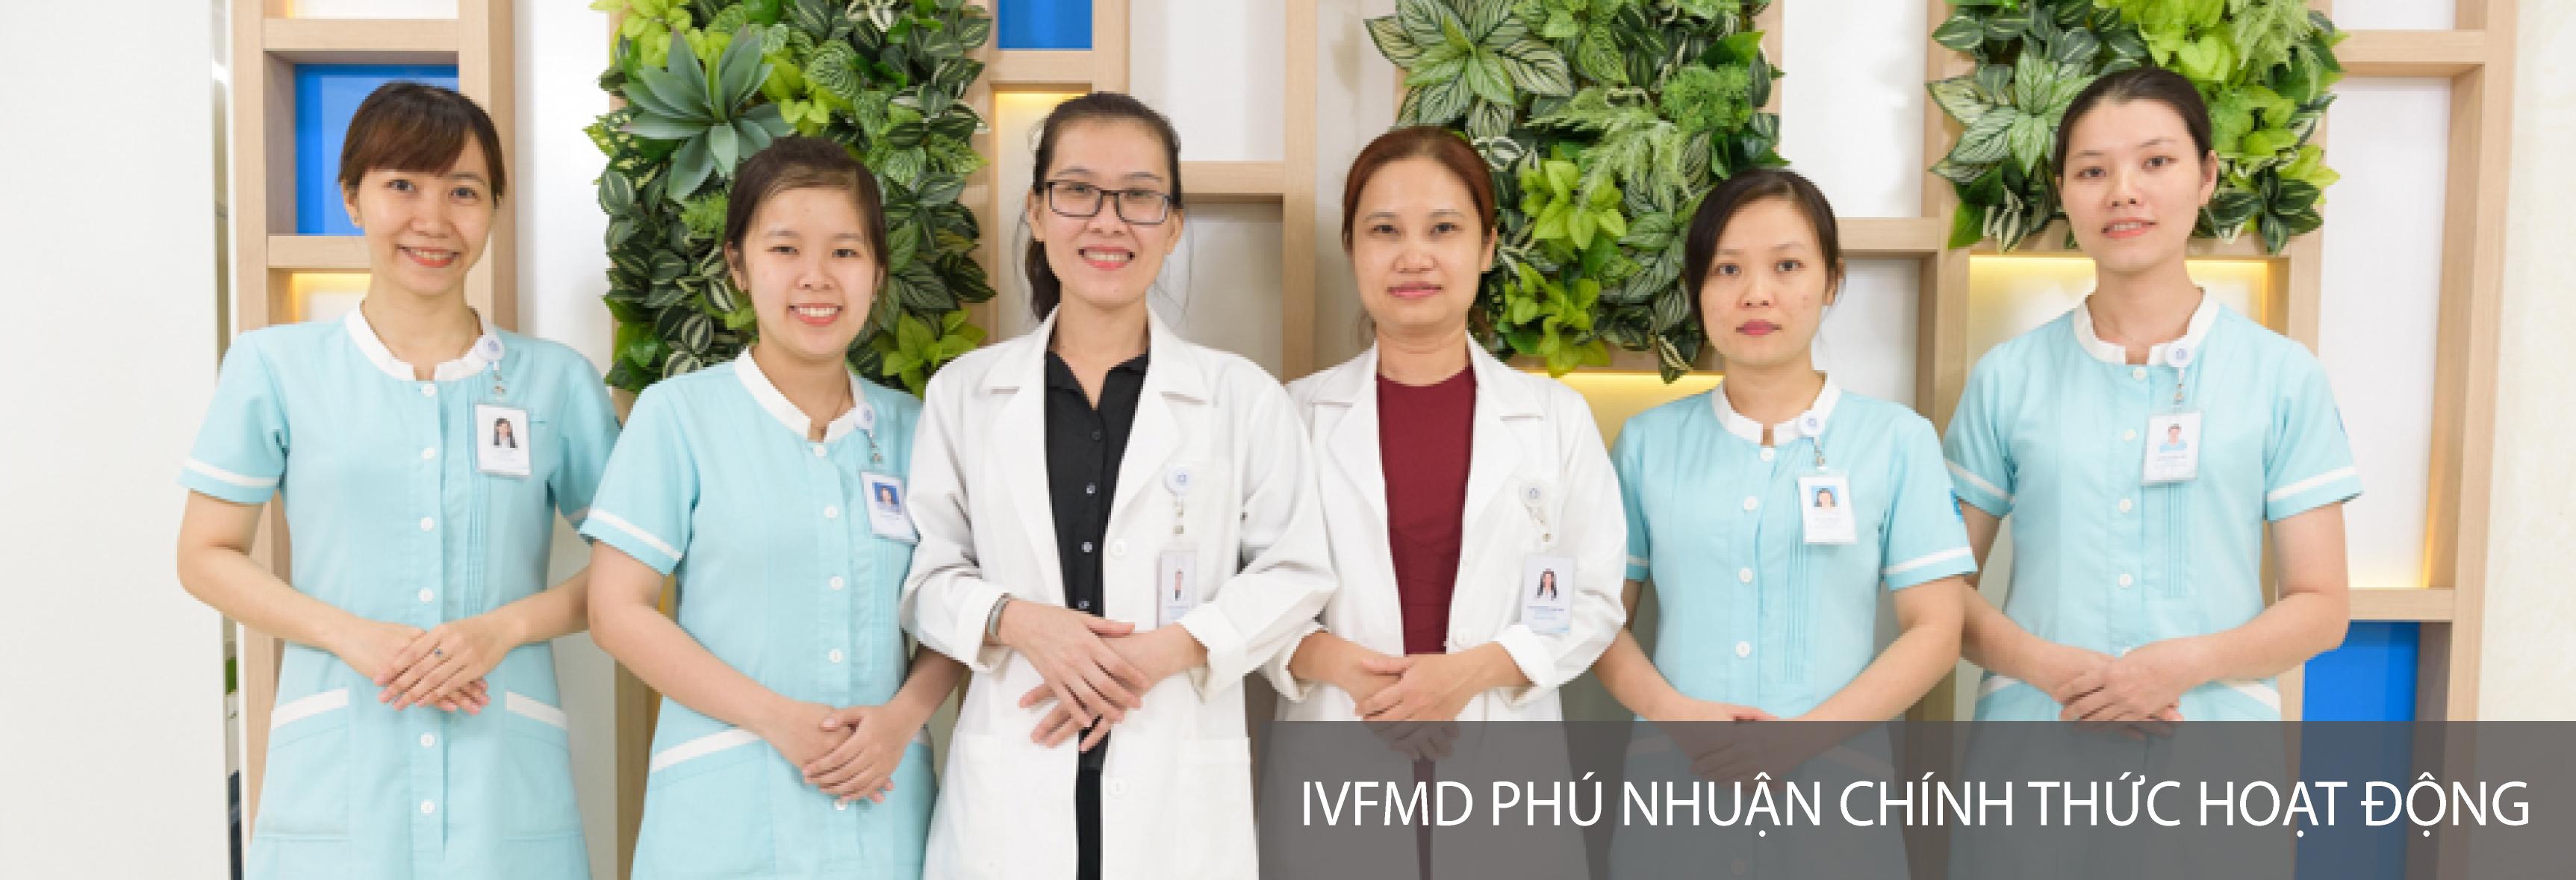 IVFMD-PN-Hoat-Dong